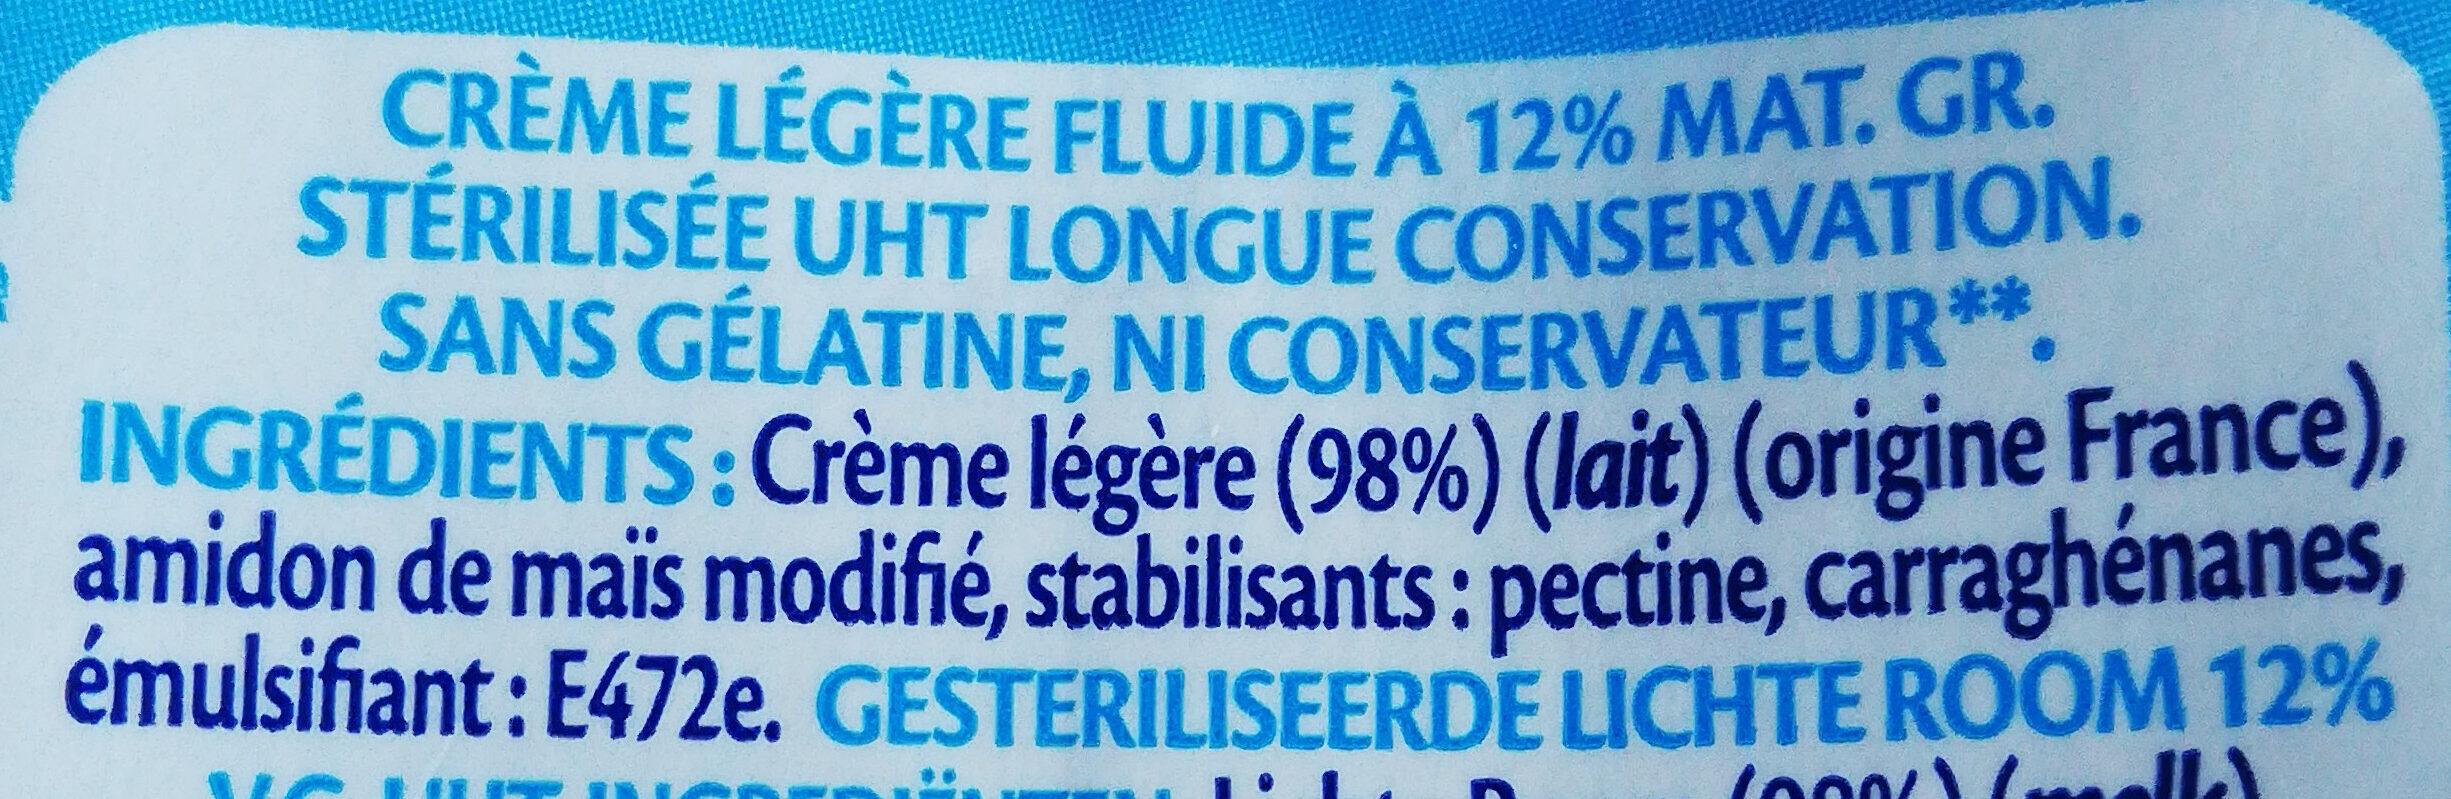 Bridélice Crème légère fluide 12%Mat. Gr. - Ingrédients - fr